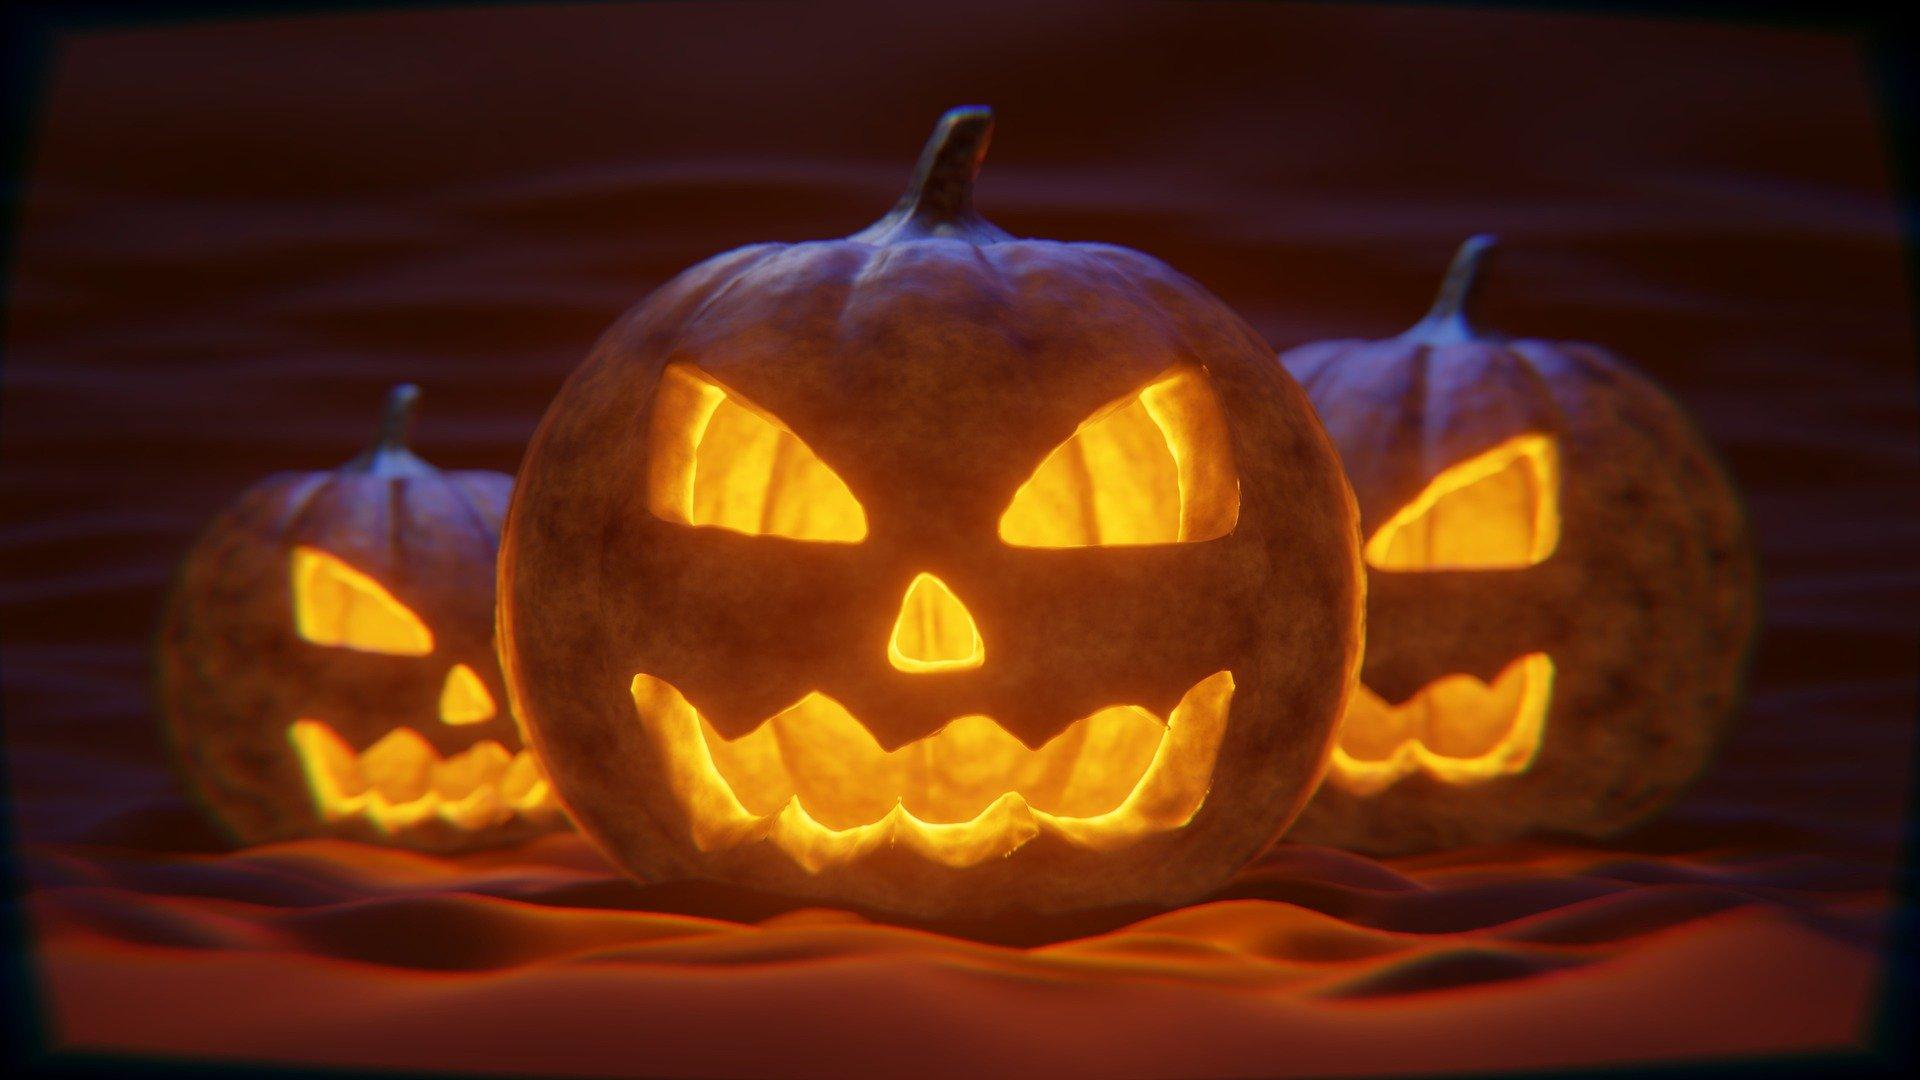 Das geheimnisvolle Rätsel von Halloween